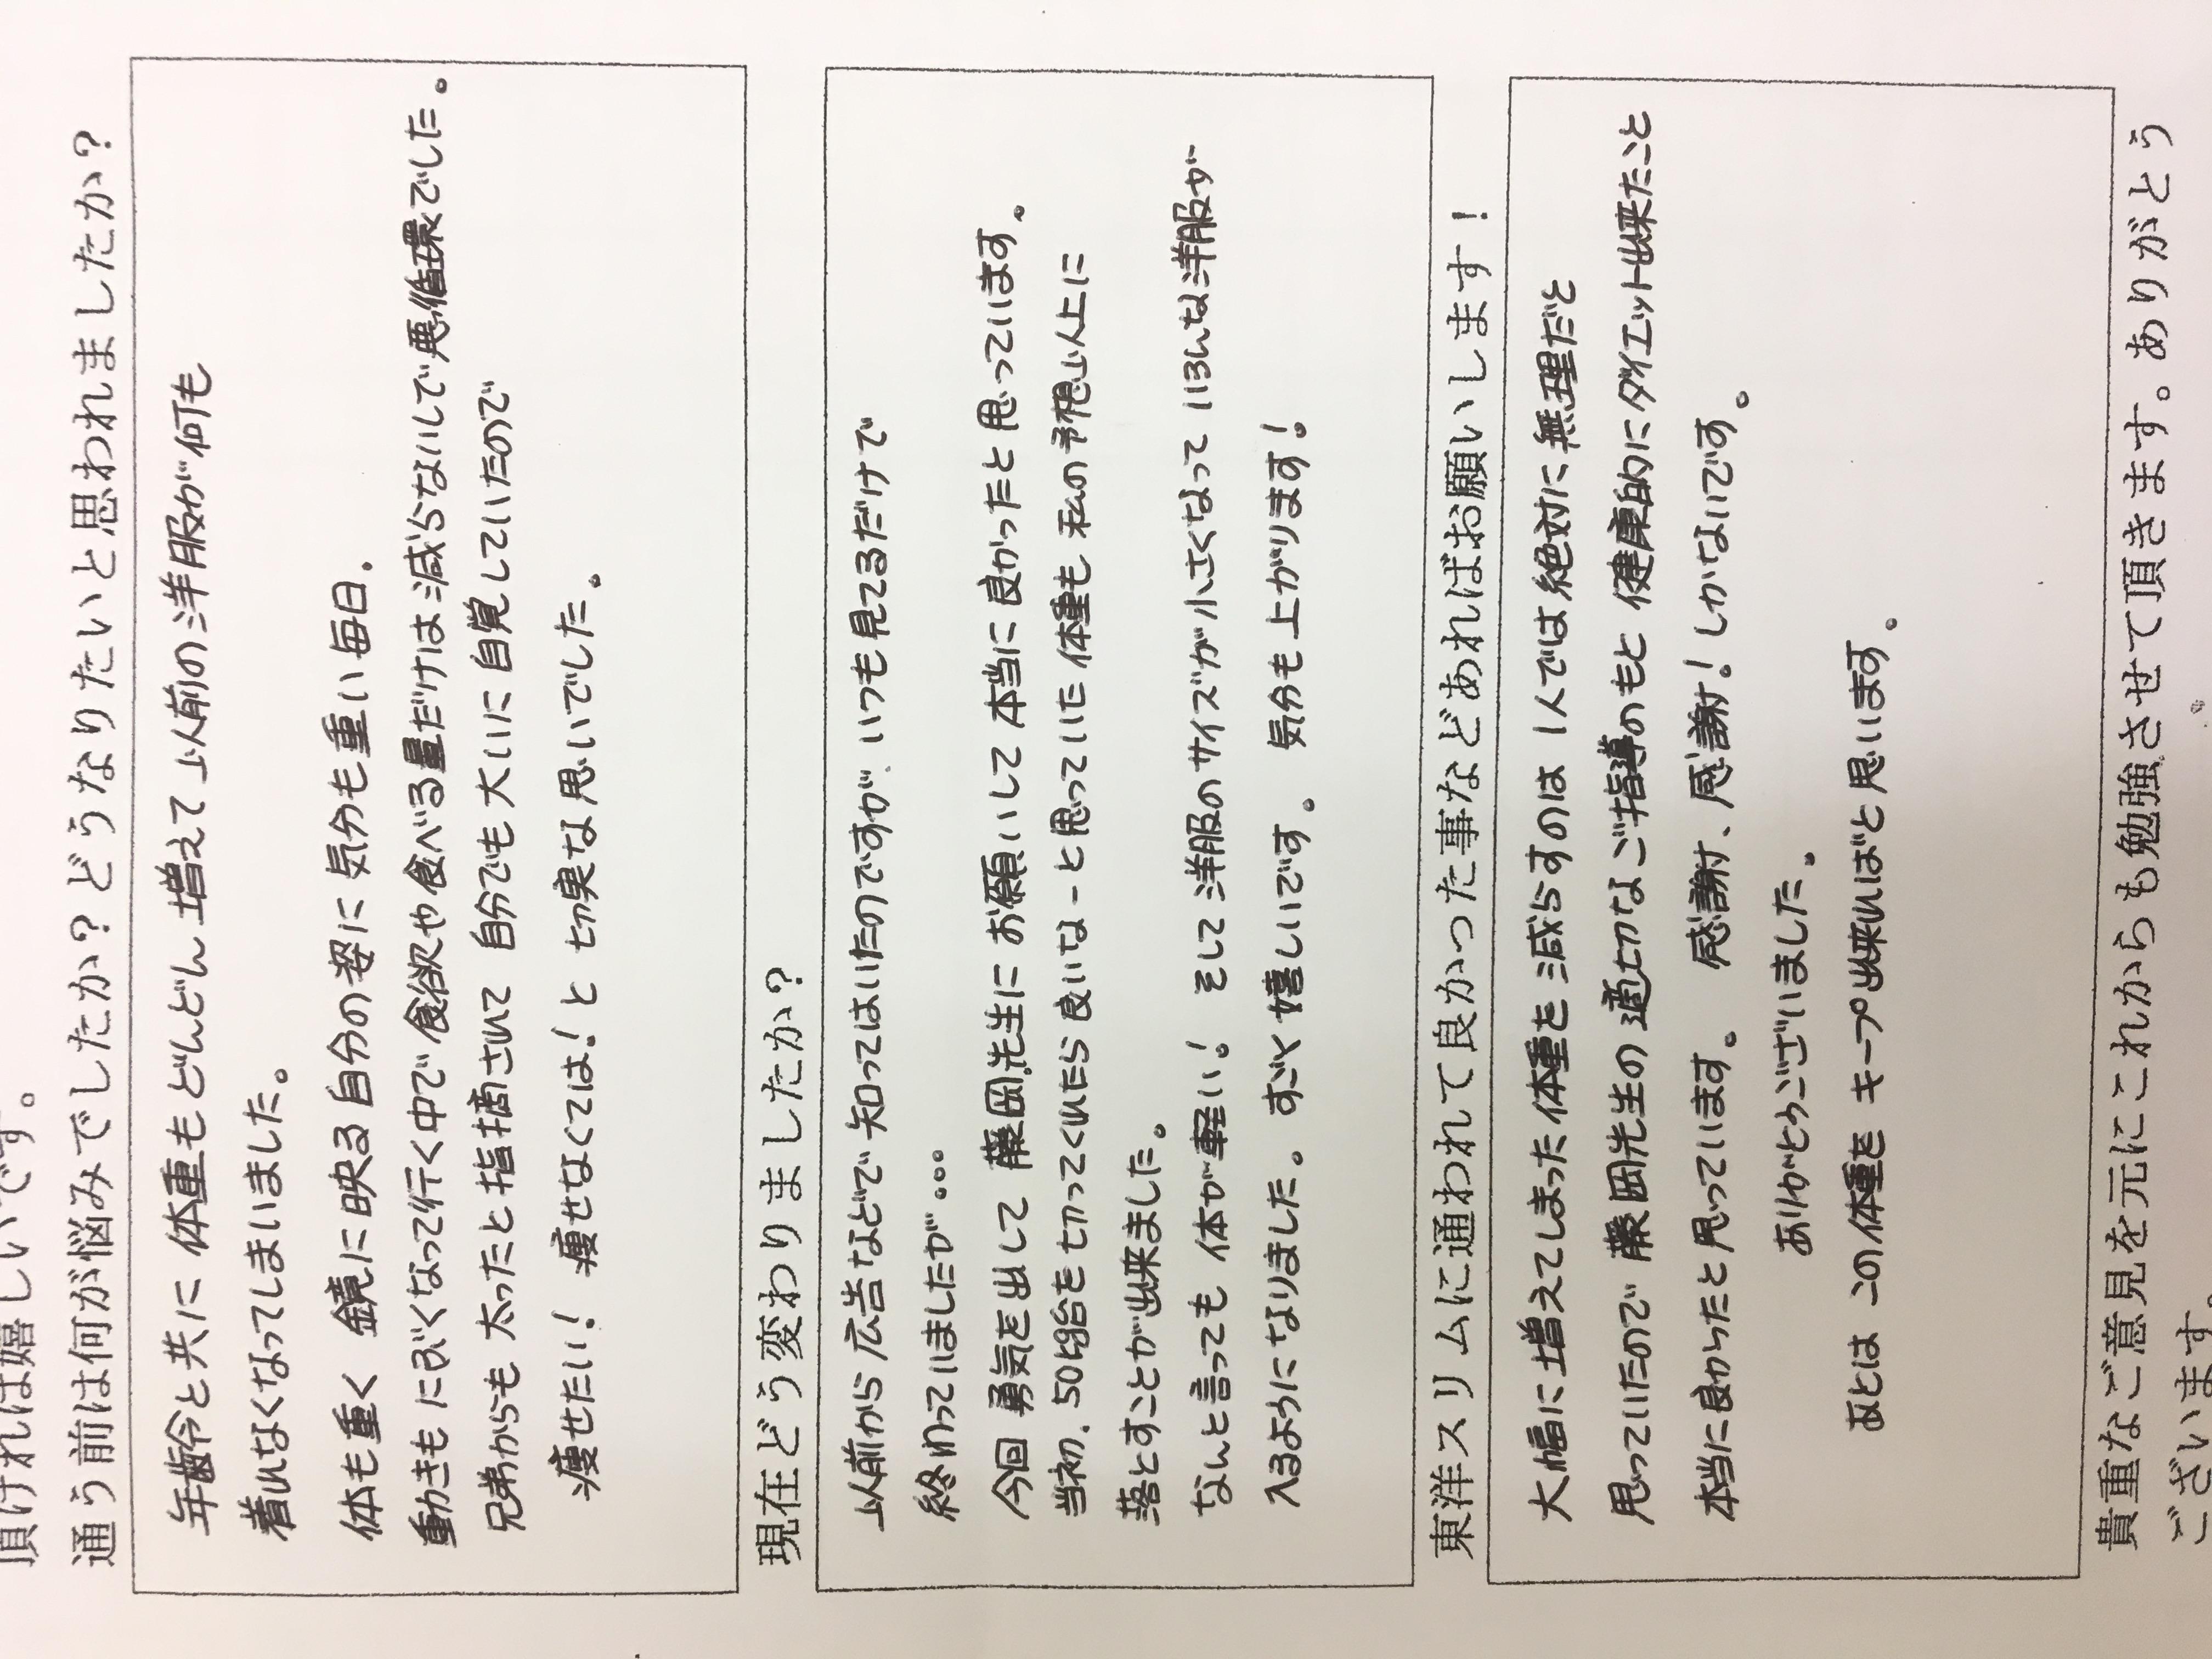 [皆様の声]大阪府松原市Hさん(50代)耳つぼダイエットで健康的にダイエットできた。